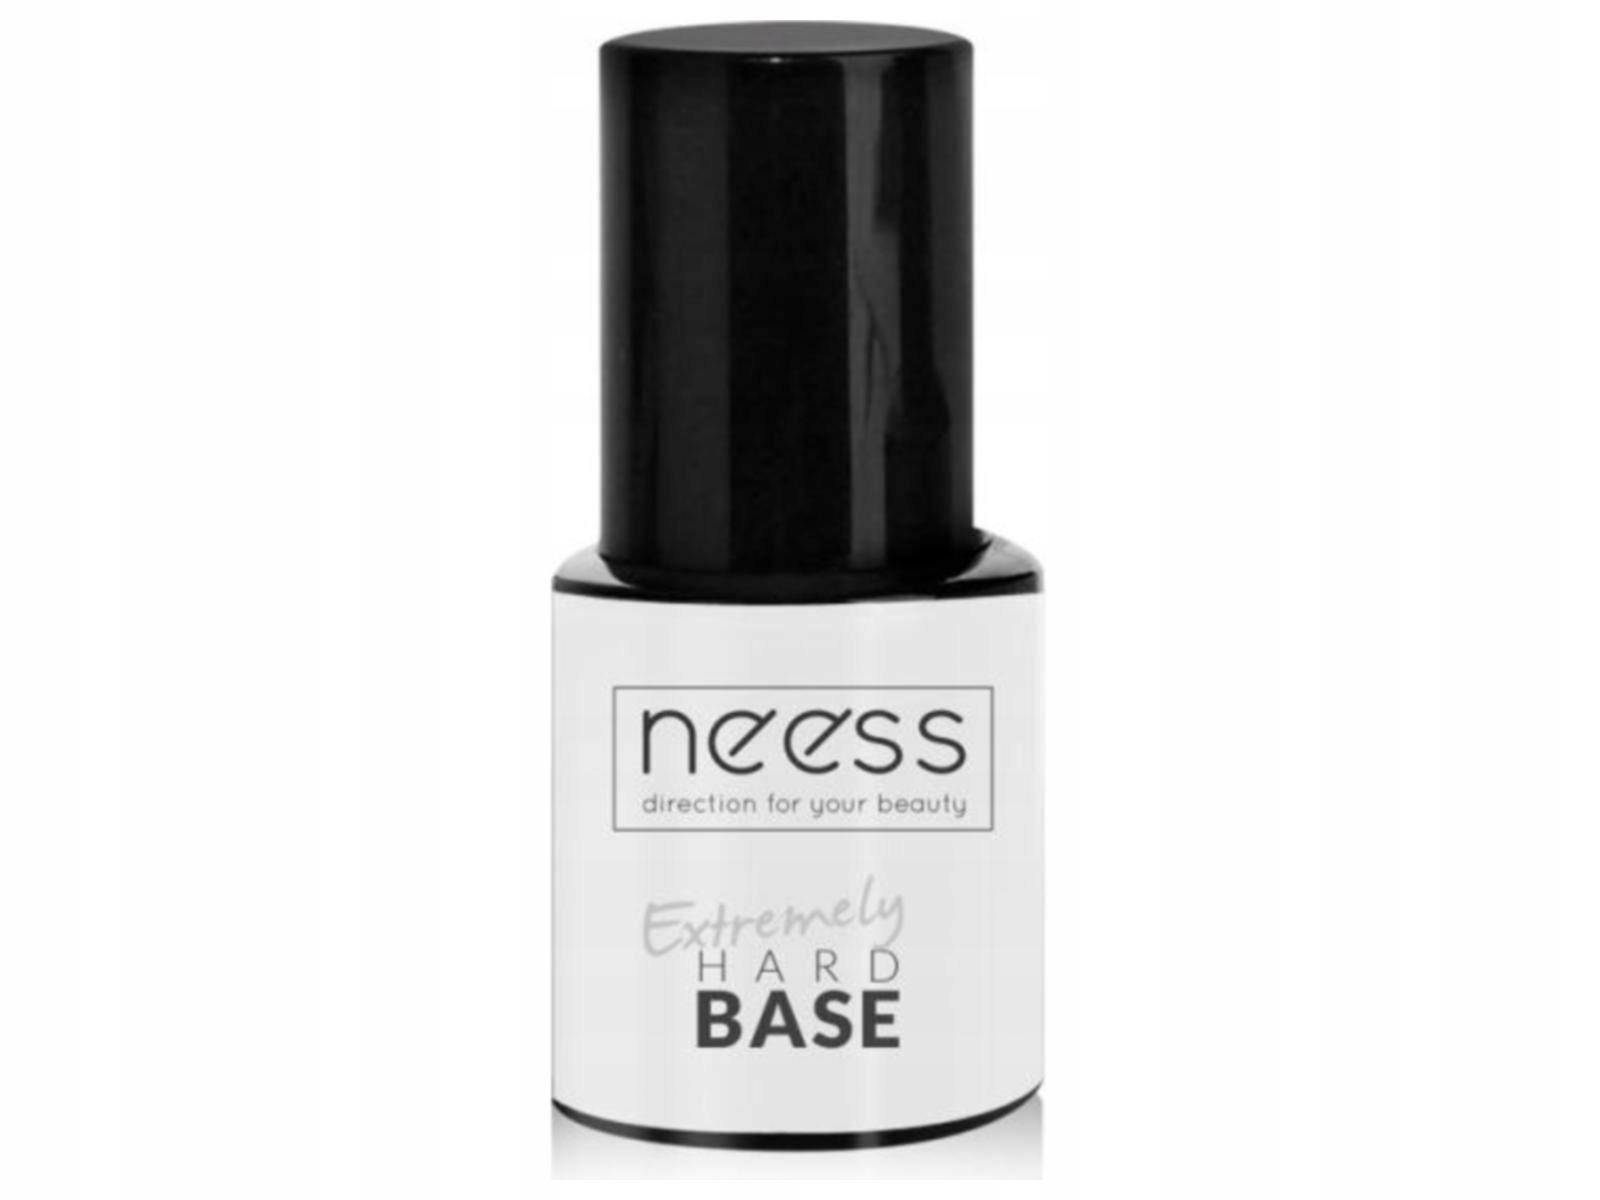 NEESS Baza HARD Extremely przezroczysta pod ml